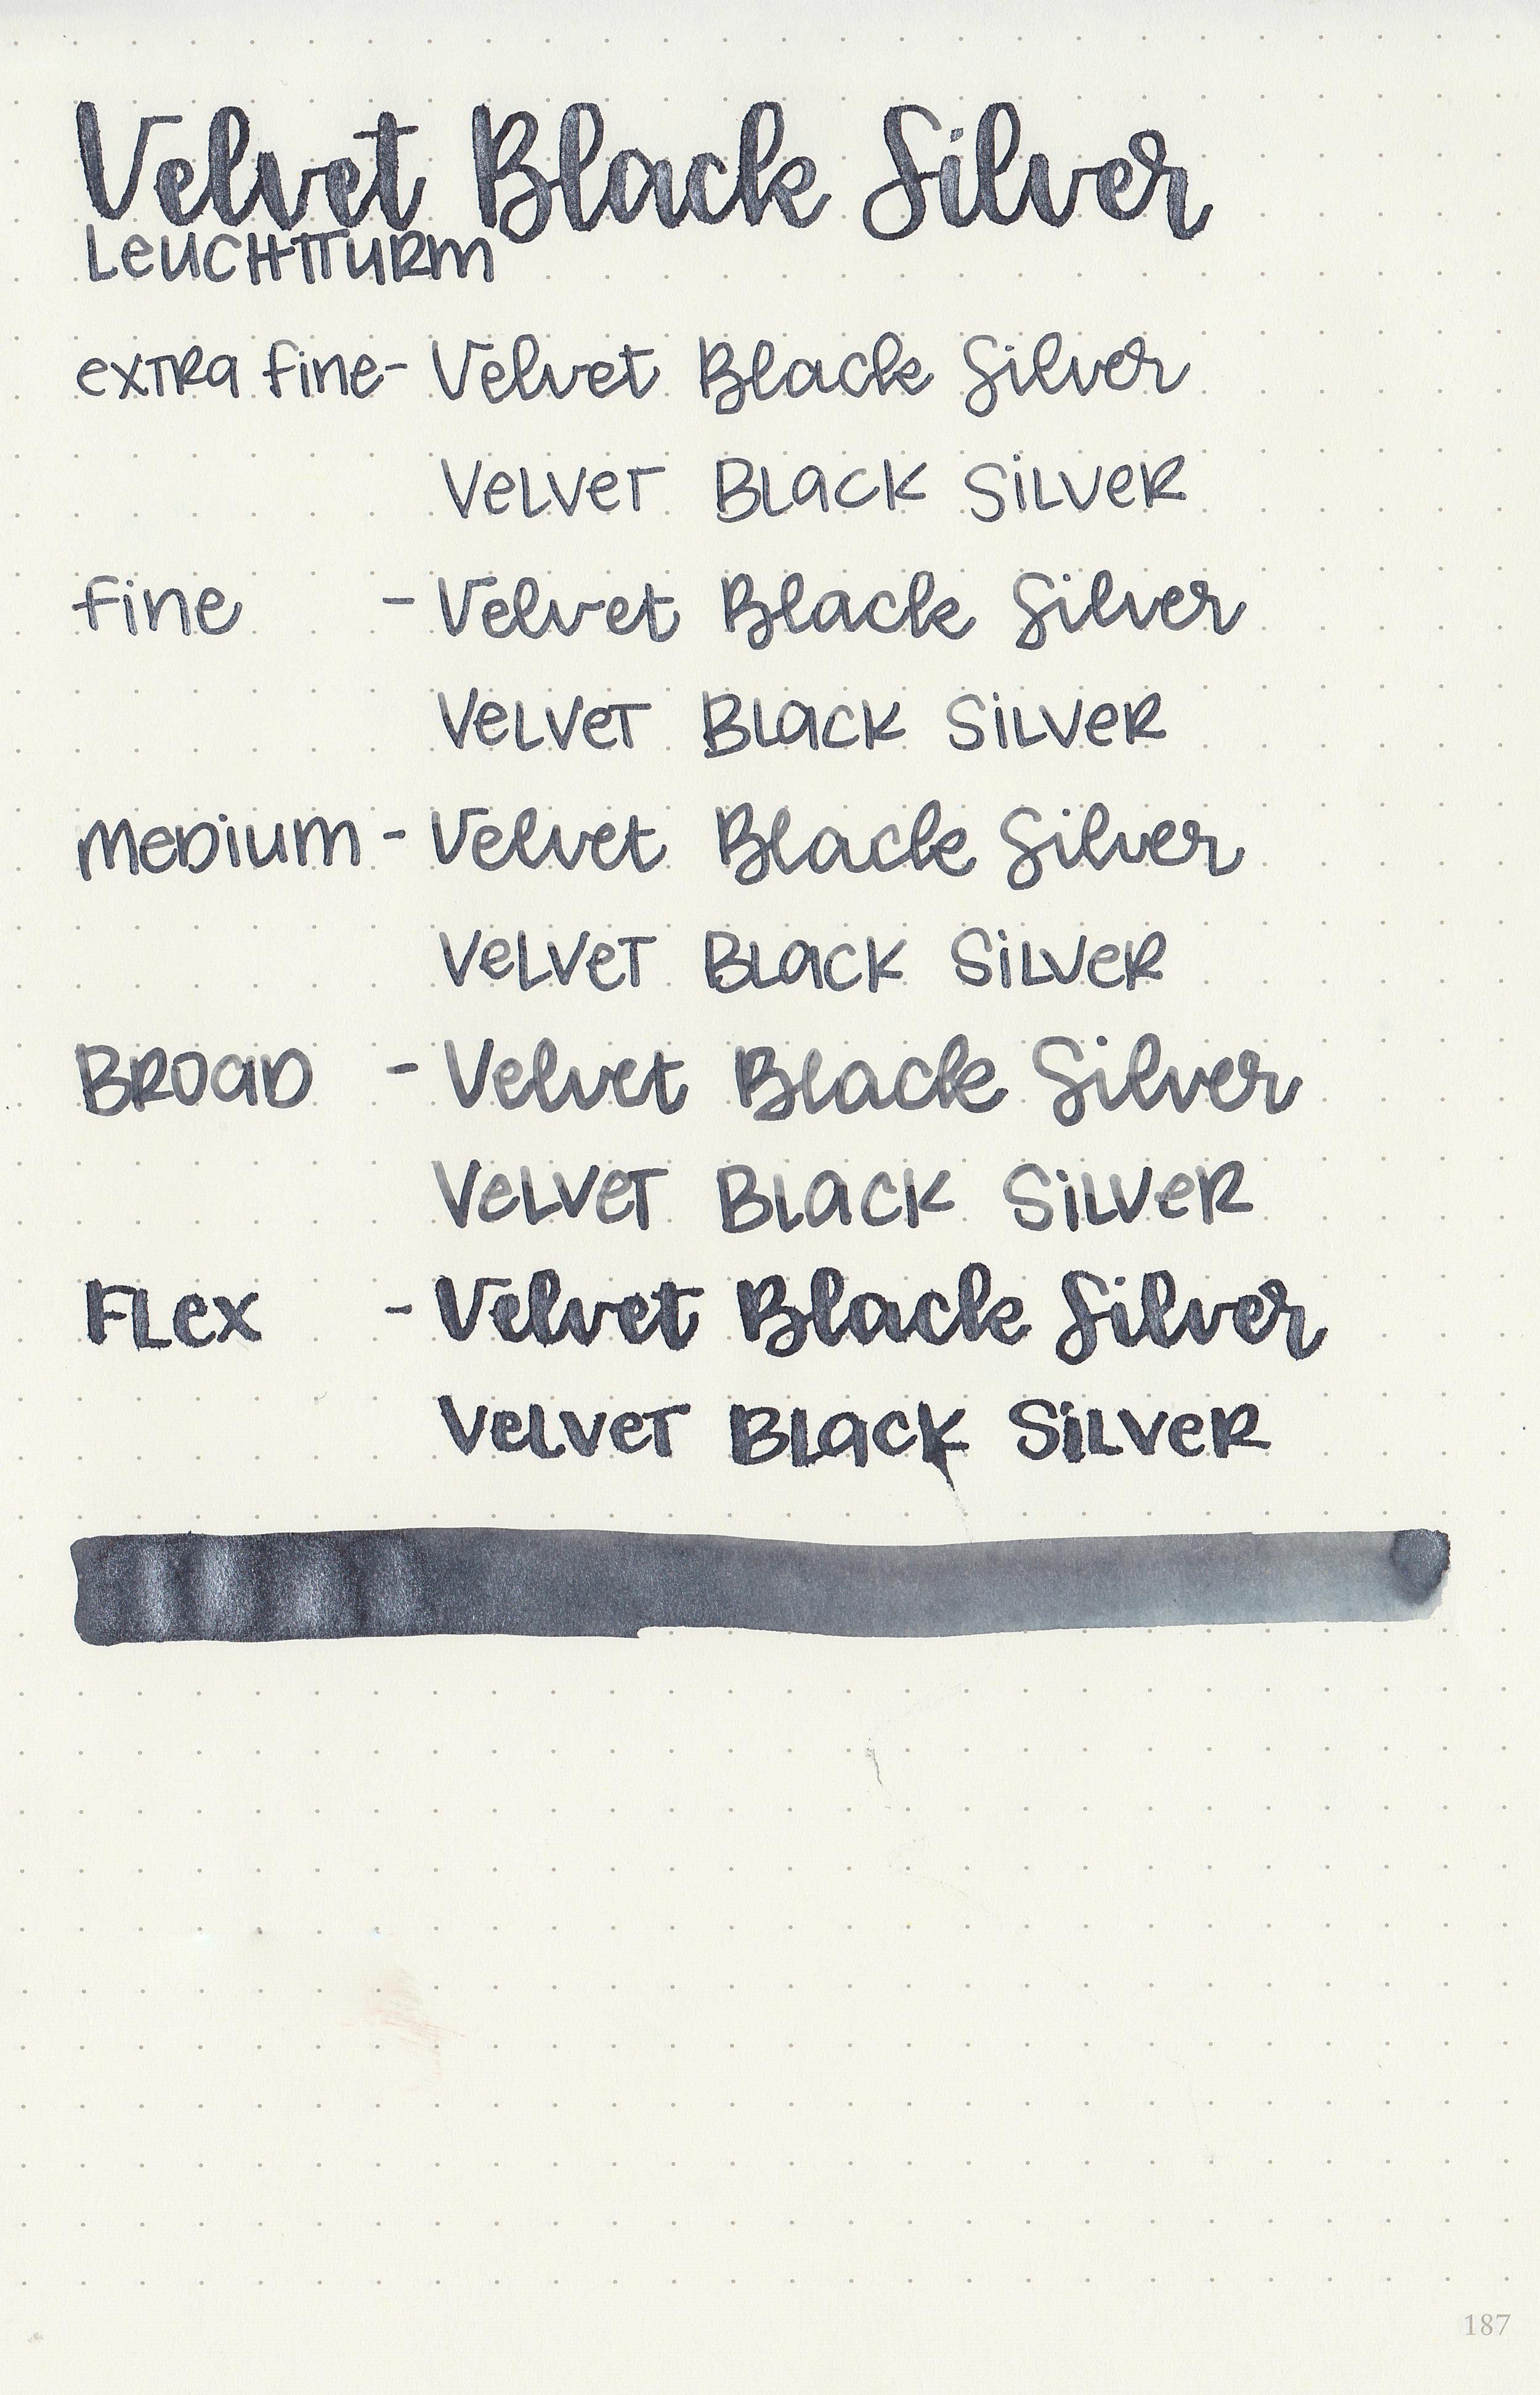 da-velvet-black-13.jpg